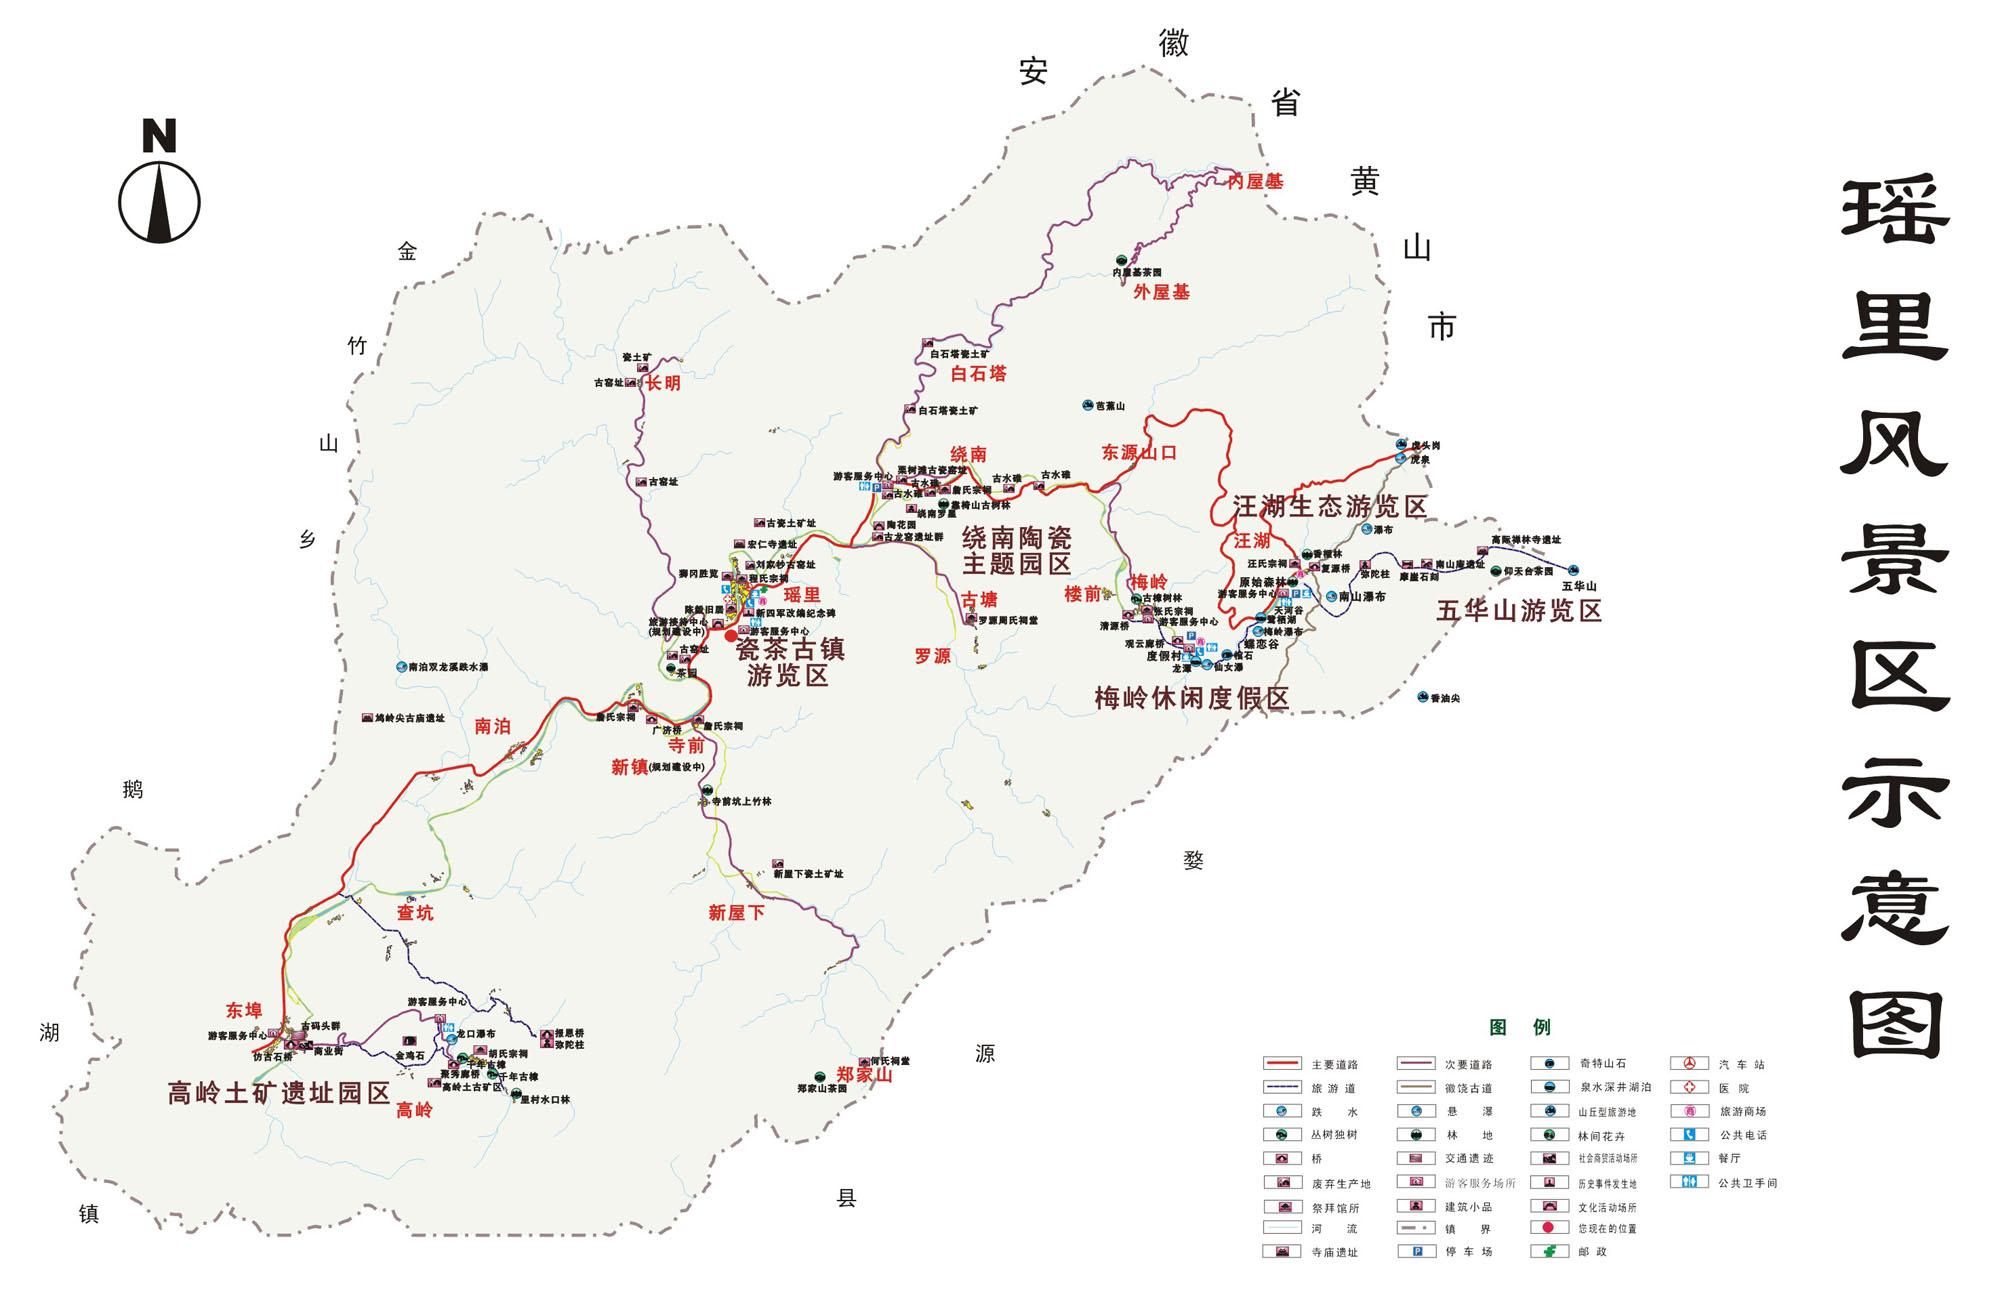 瑶里风景区旅游地图